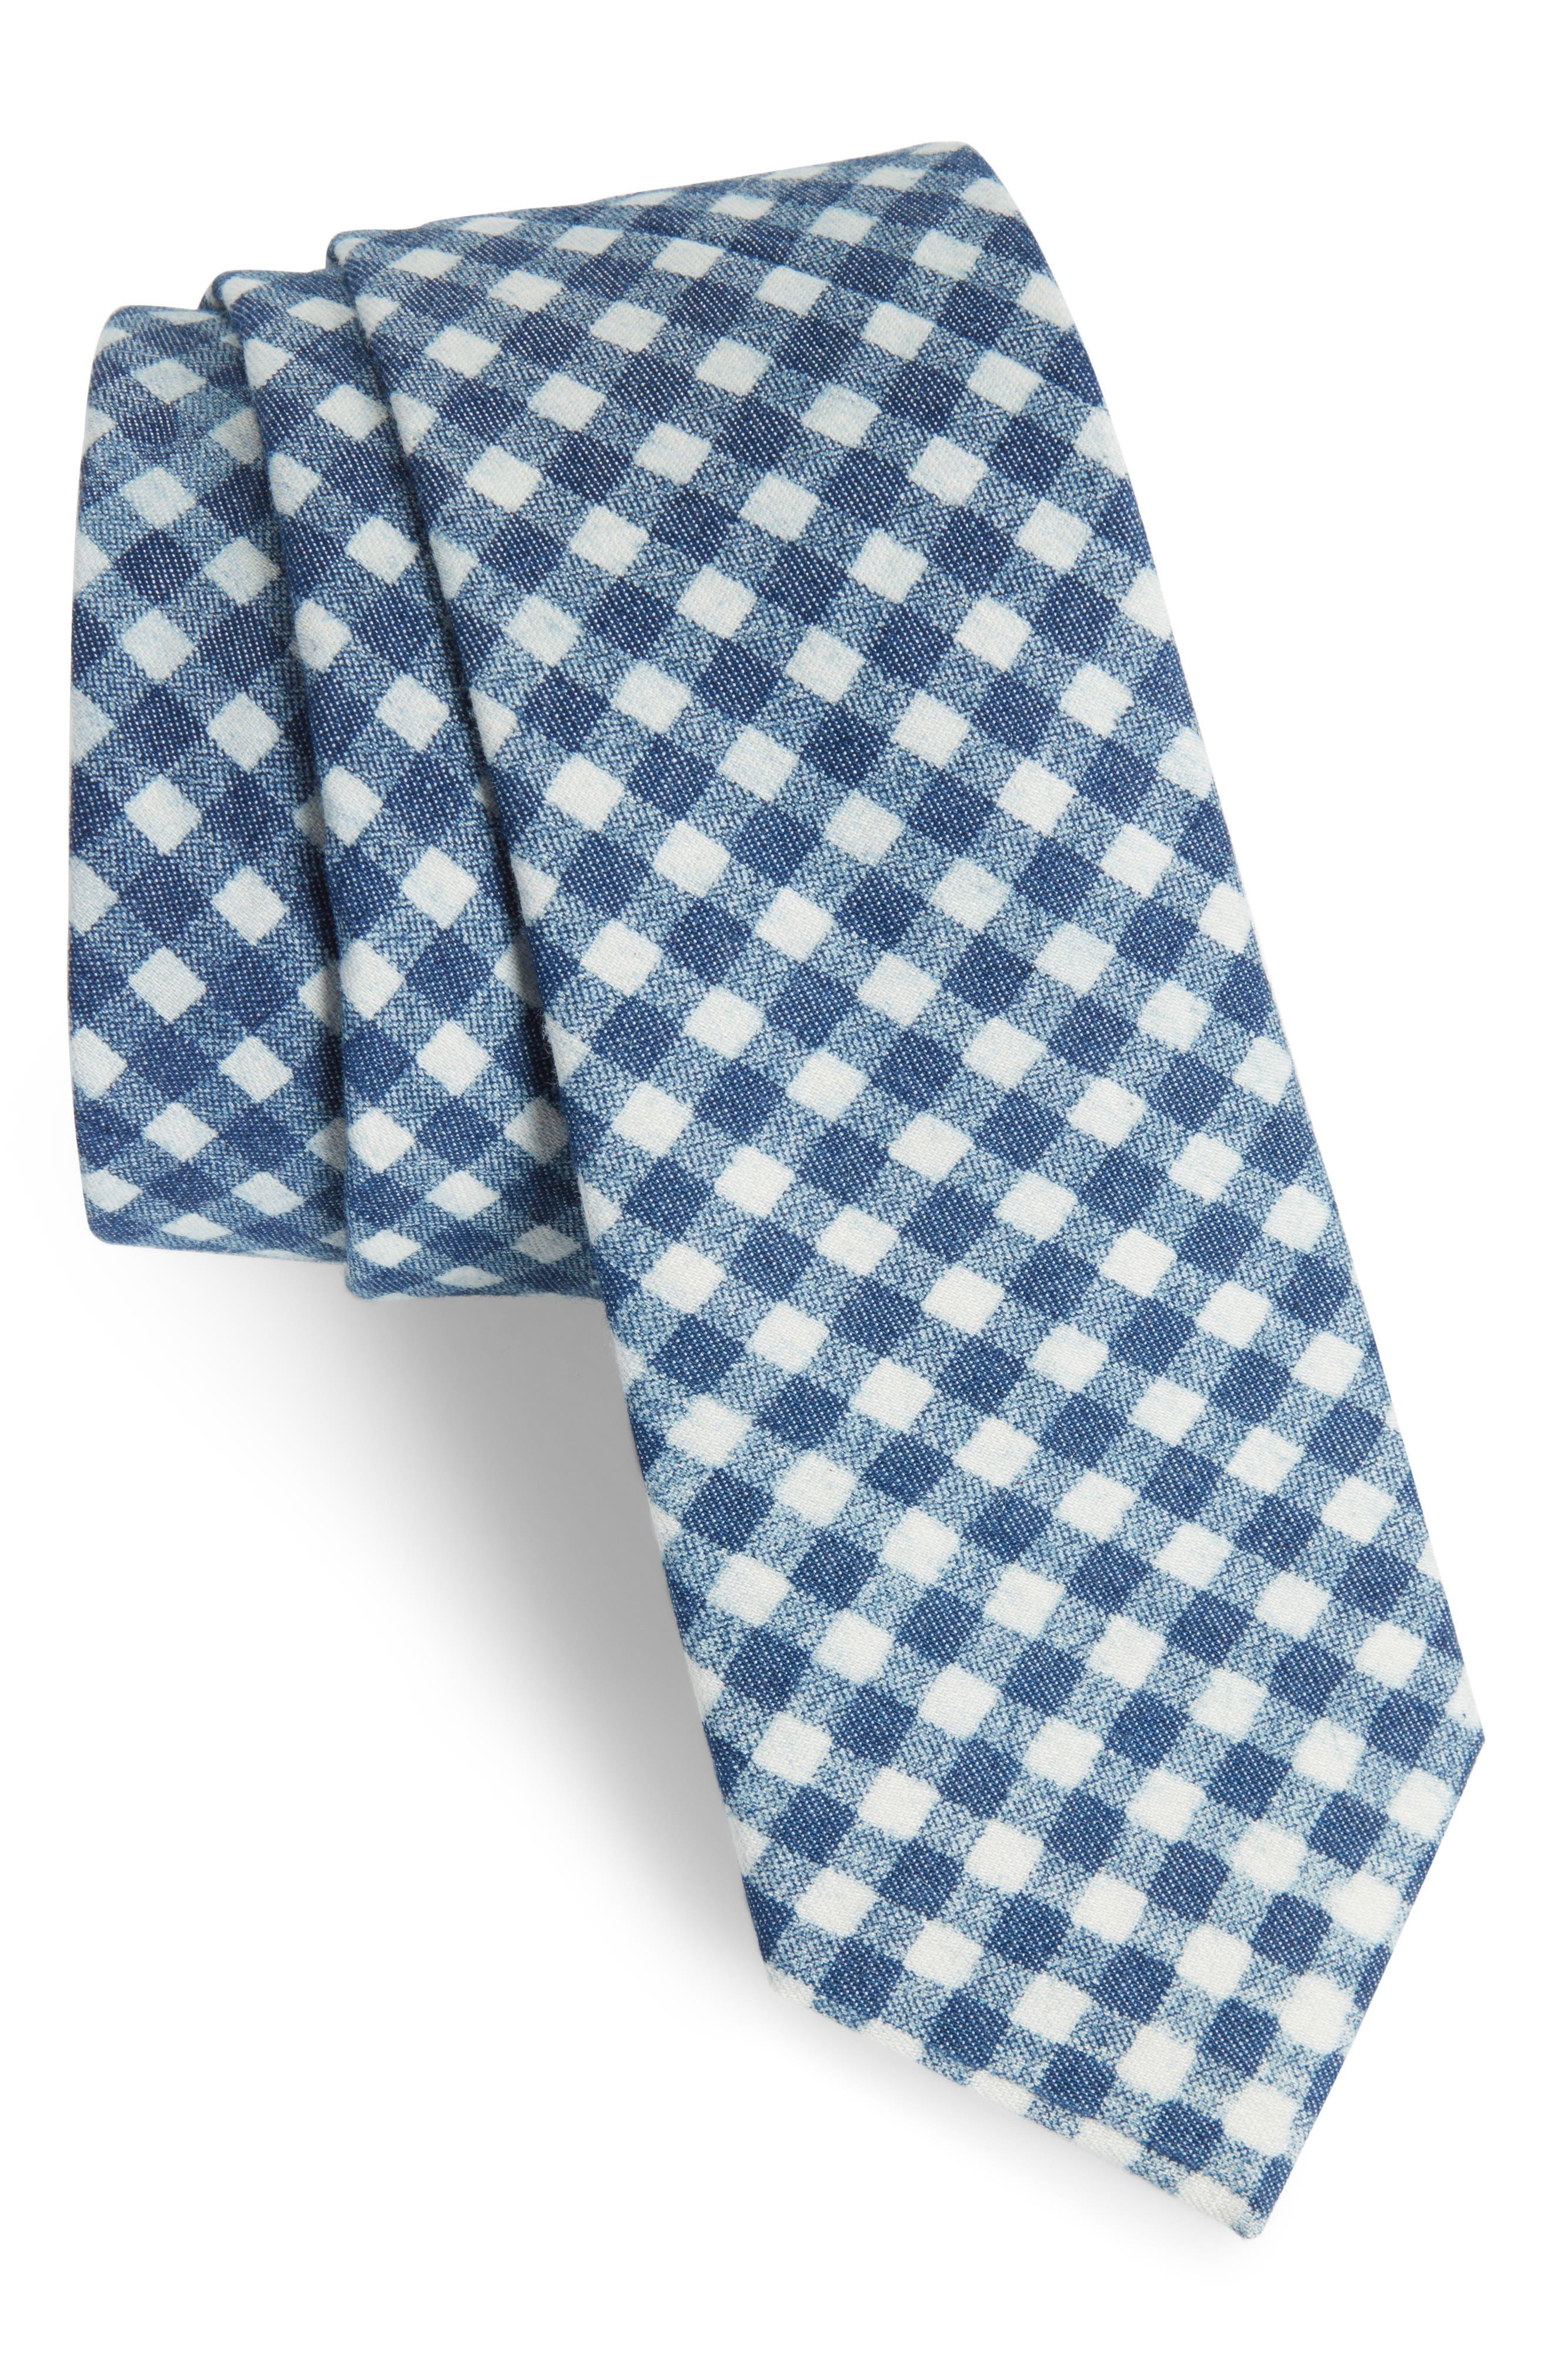 Freeman Check Cotton Skinny Tie,                         Main,                         color, Navy